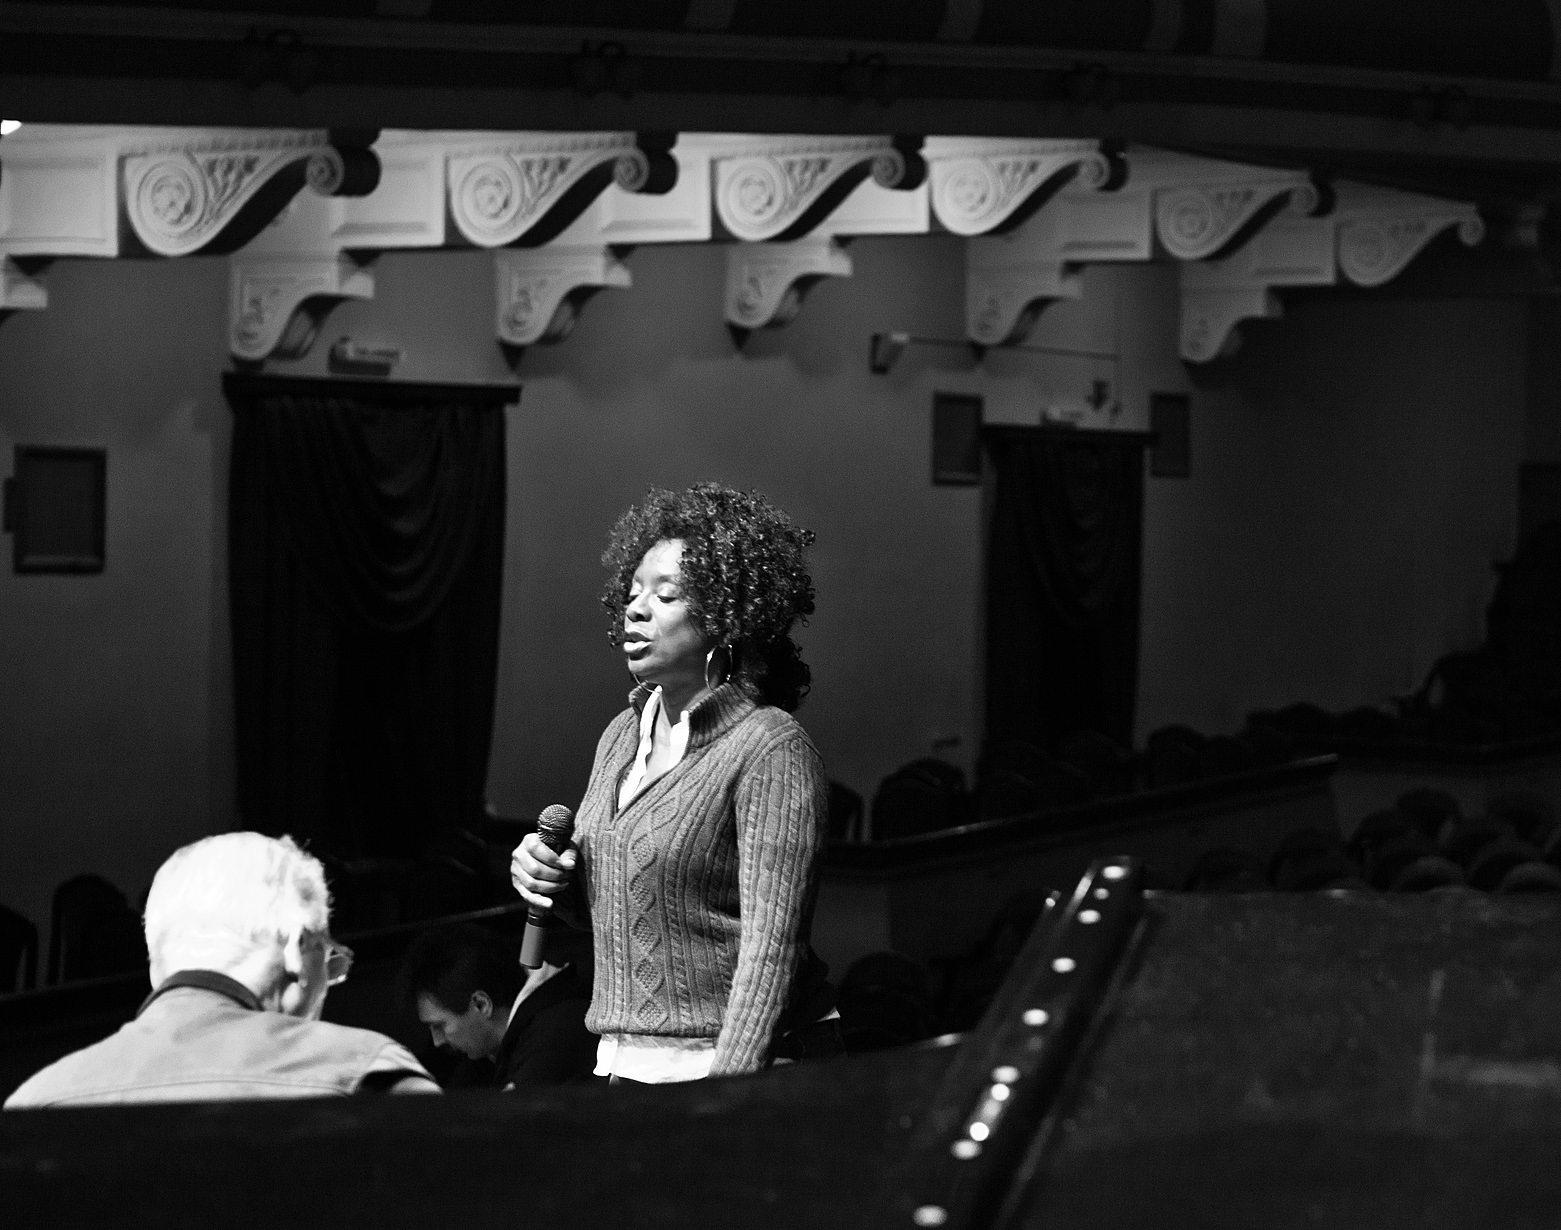 События  Ив Корнелиус: джаз от первого лица